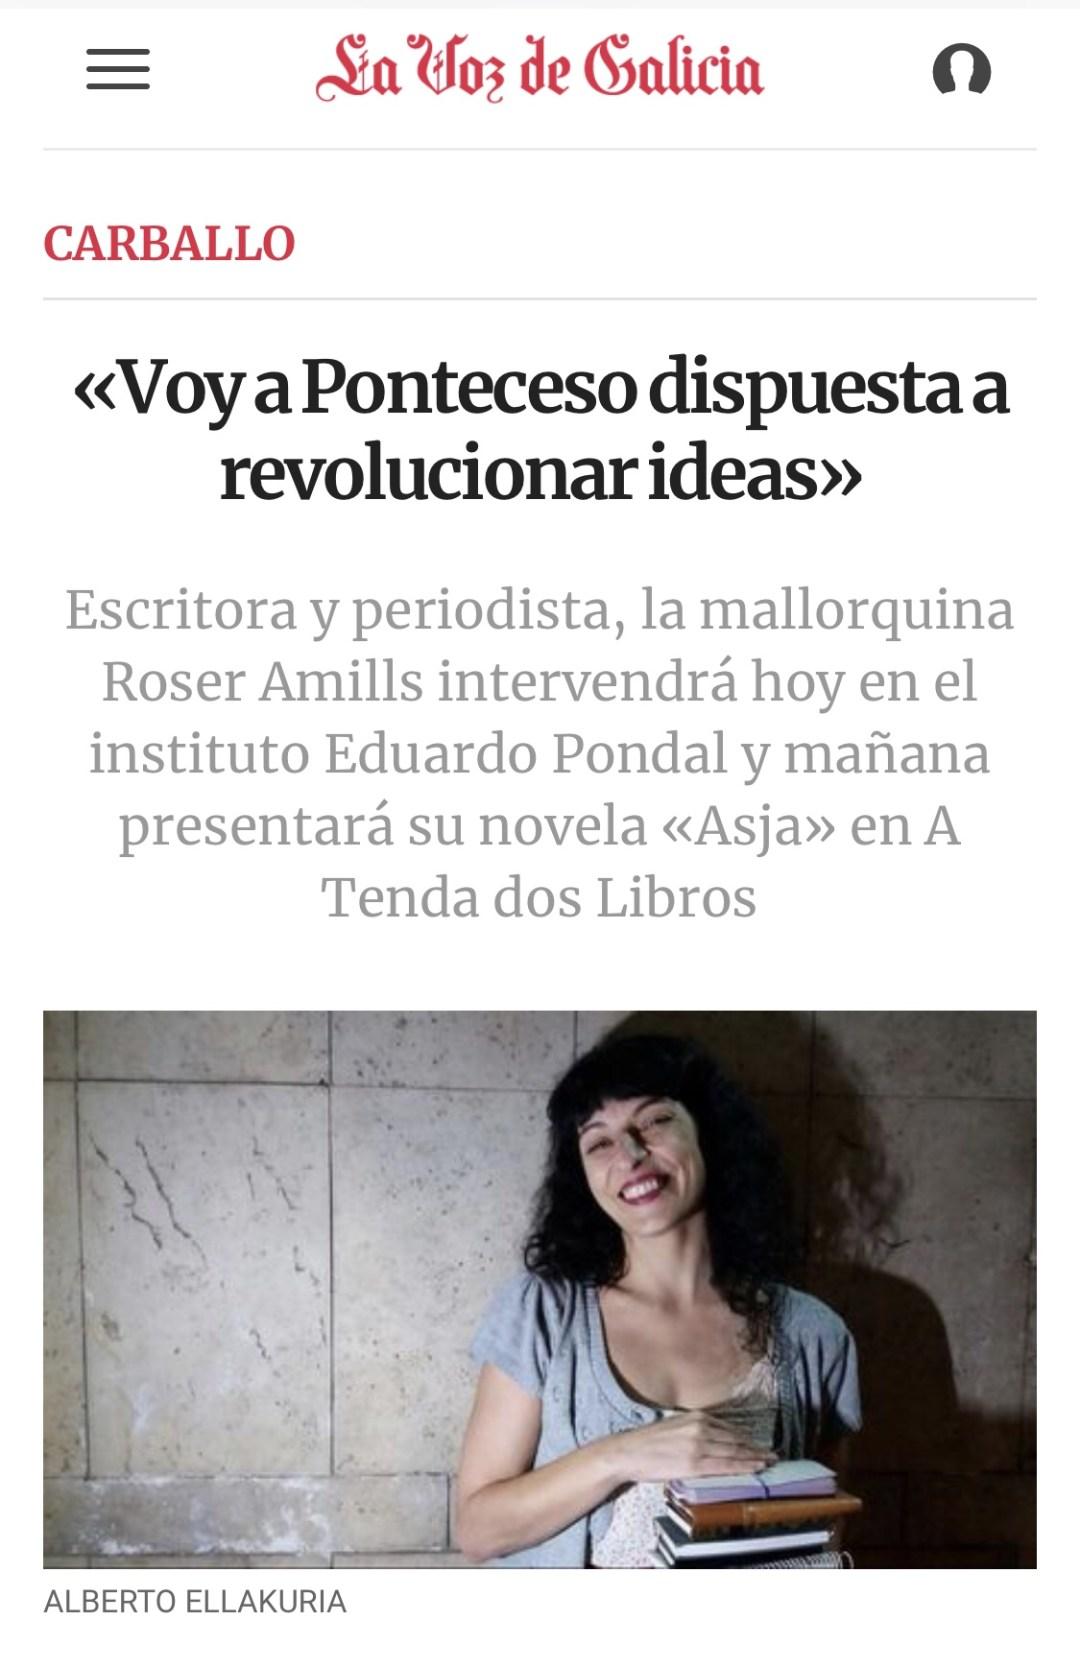 Entrevista La Voz de Galicia | «Voy a Ponteceso dispuesta a revolucionar ideas»